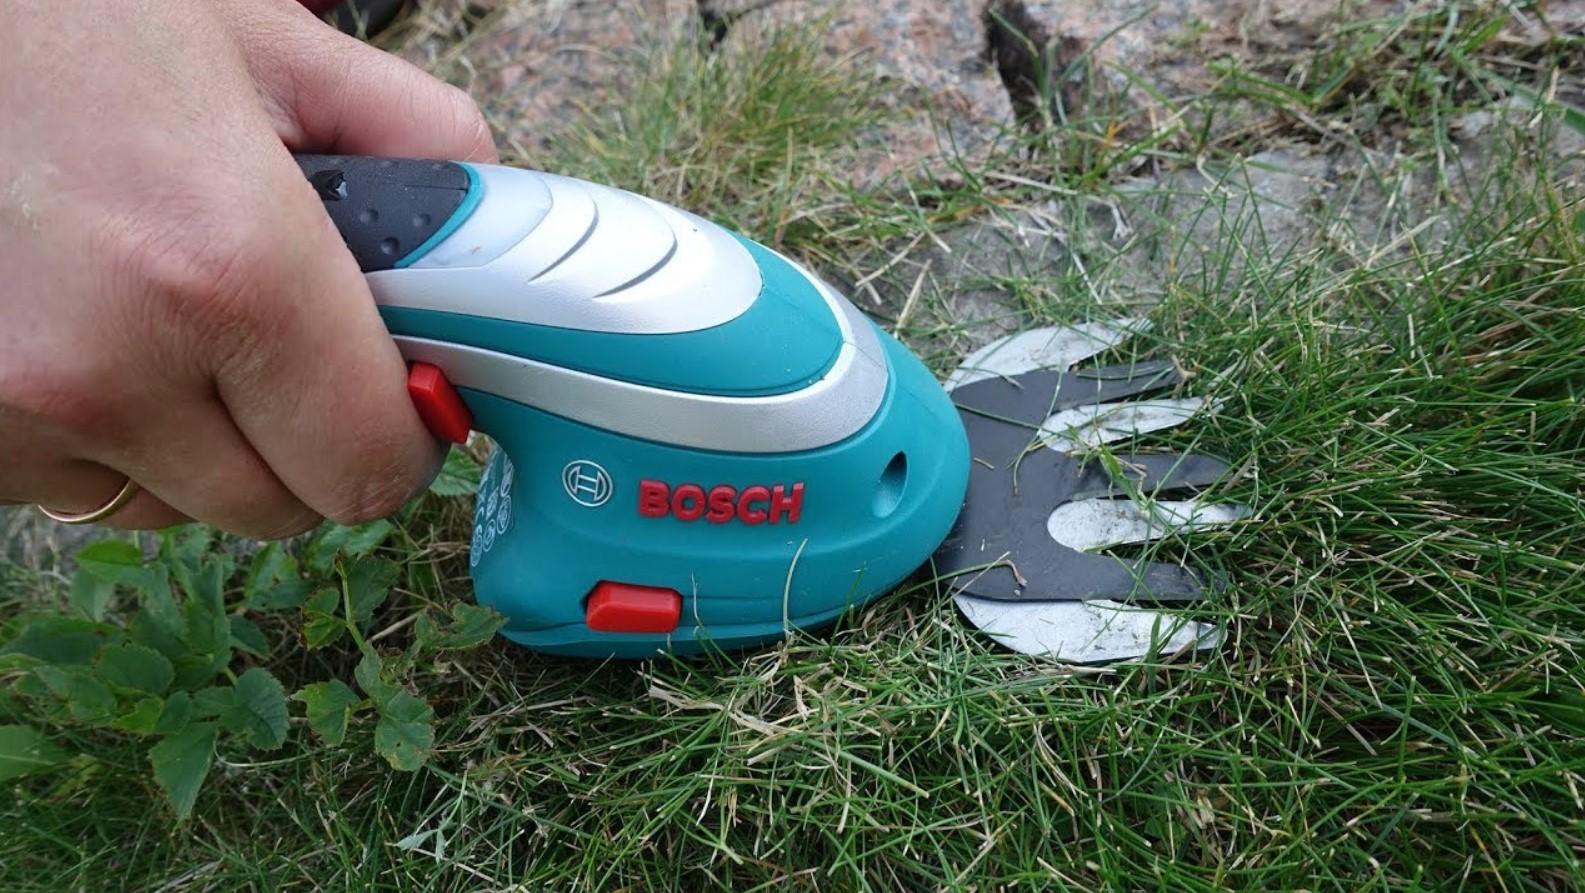 Ножницы для стрижки травы аккумуляторные